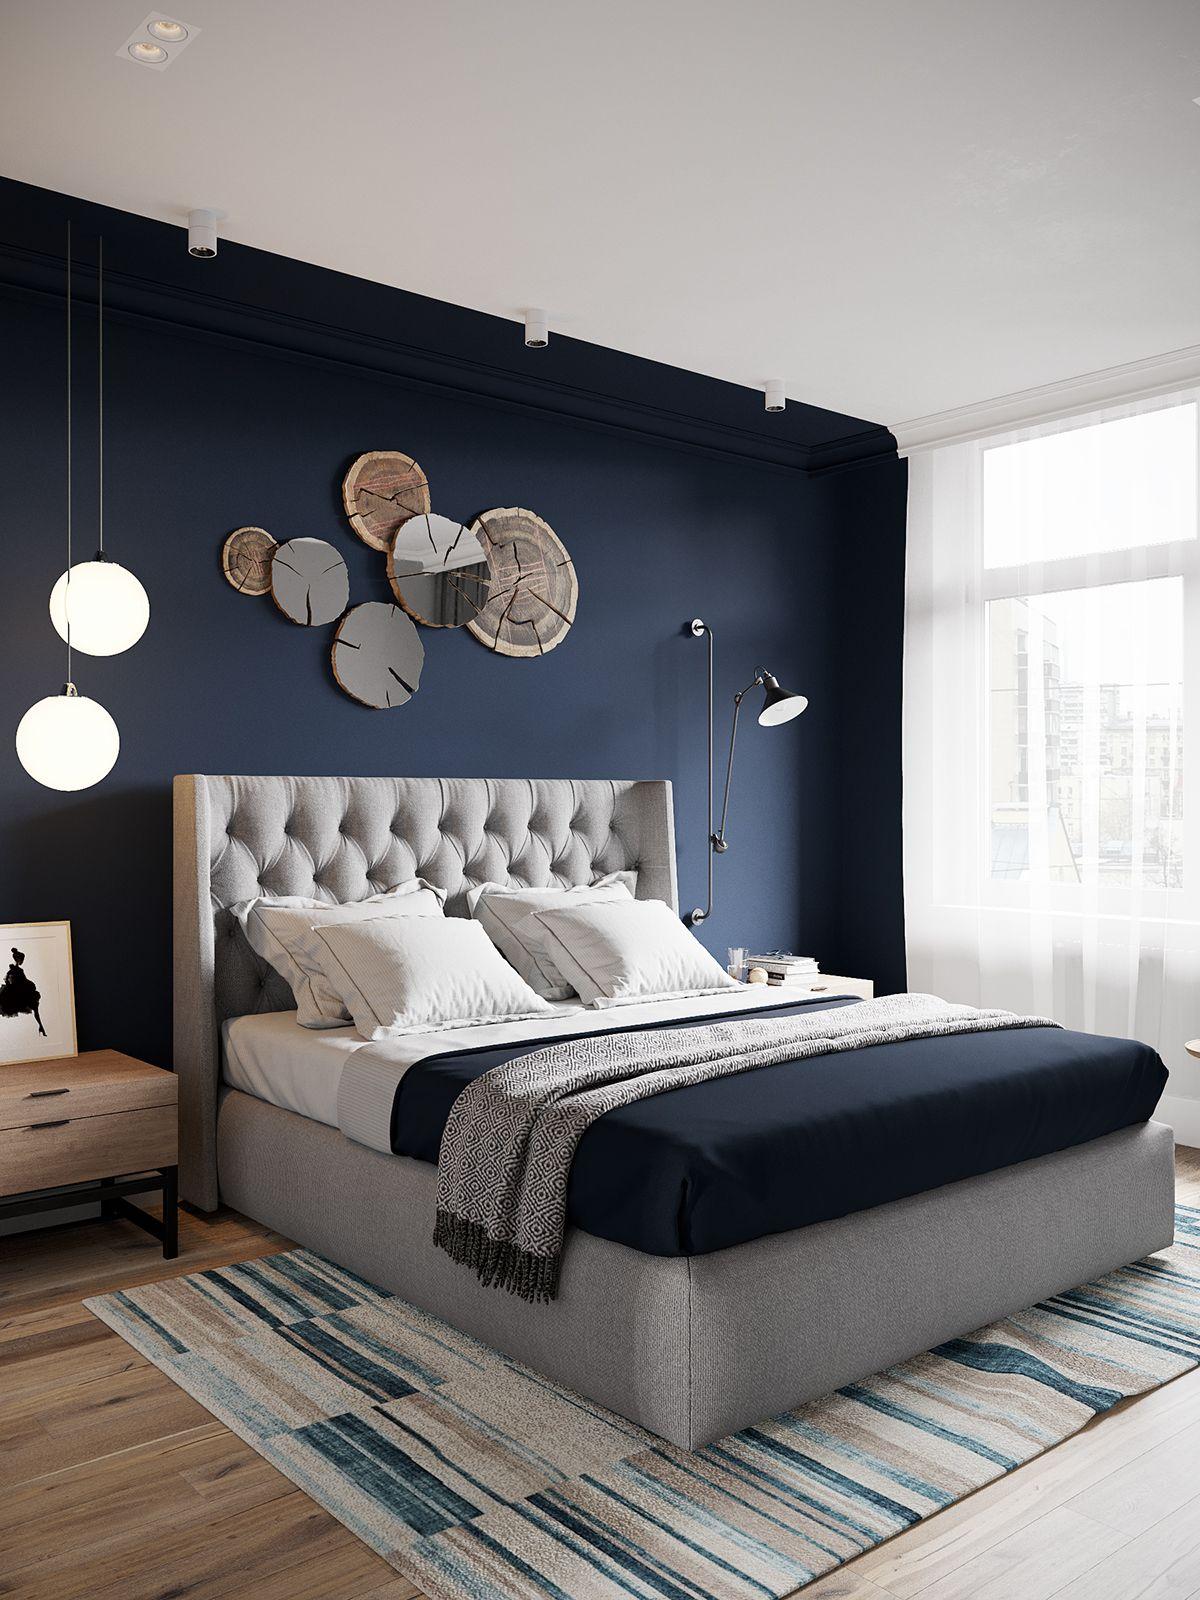 Msk Quarter On Behance Home Decor Home Decor Ideas Home Decor